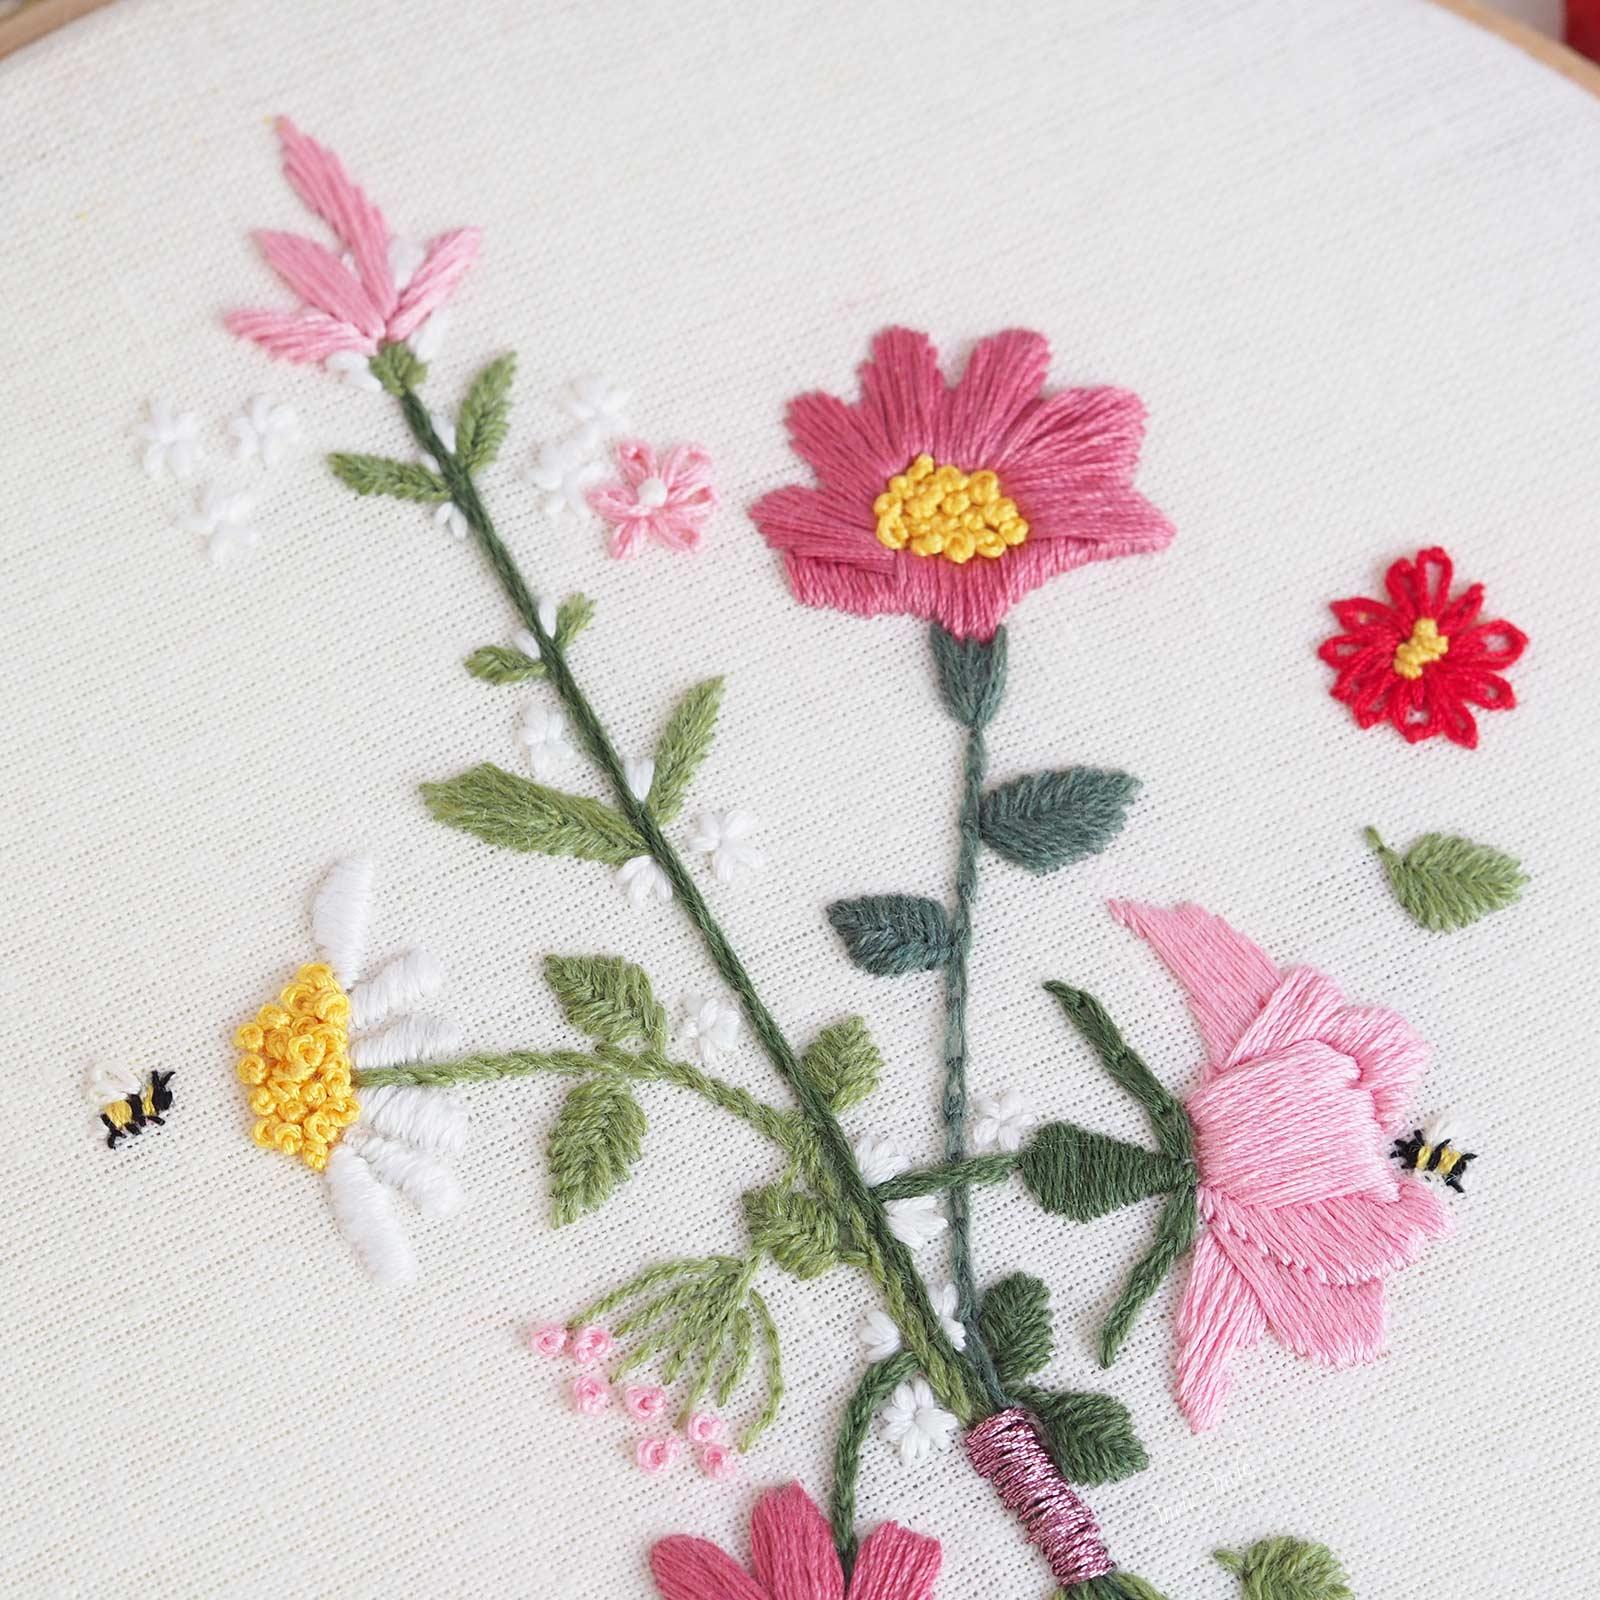 broderie-fleurs-abeilles-printemps-coton-bergere-france-laboutiquedemelimelo